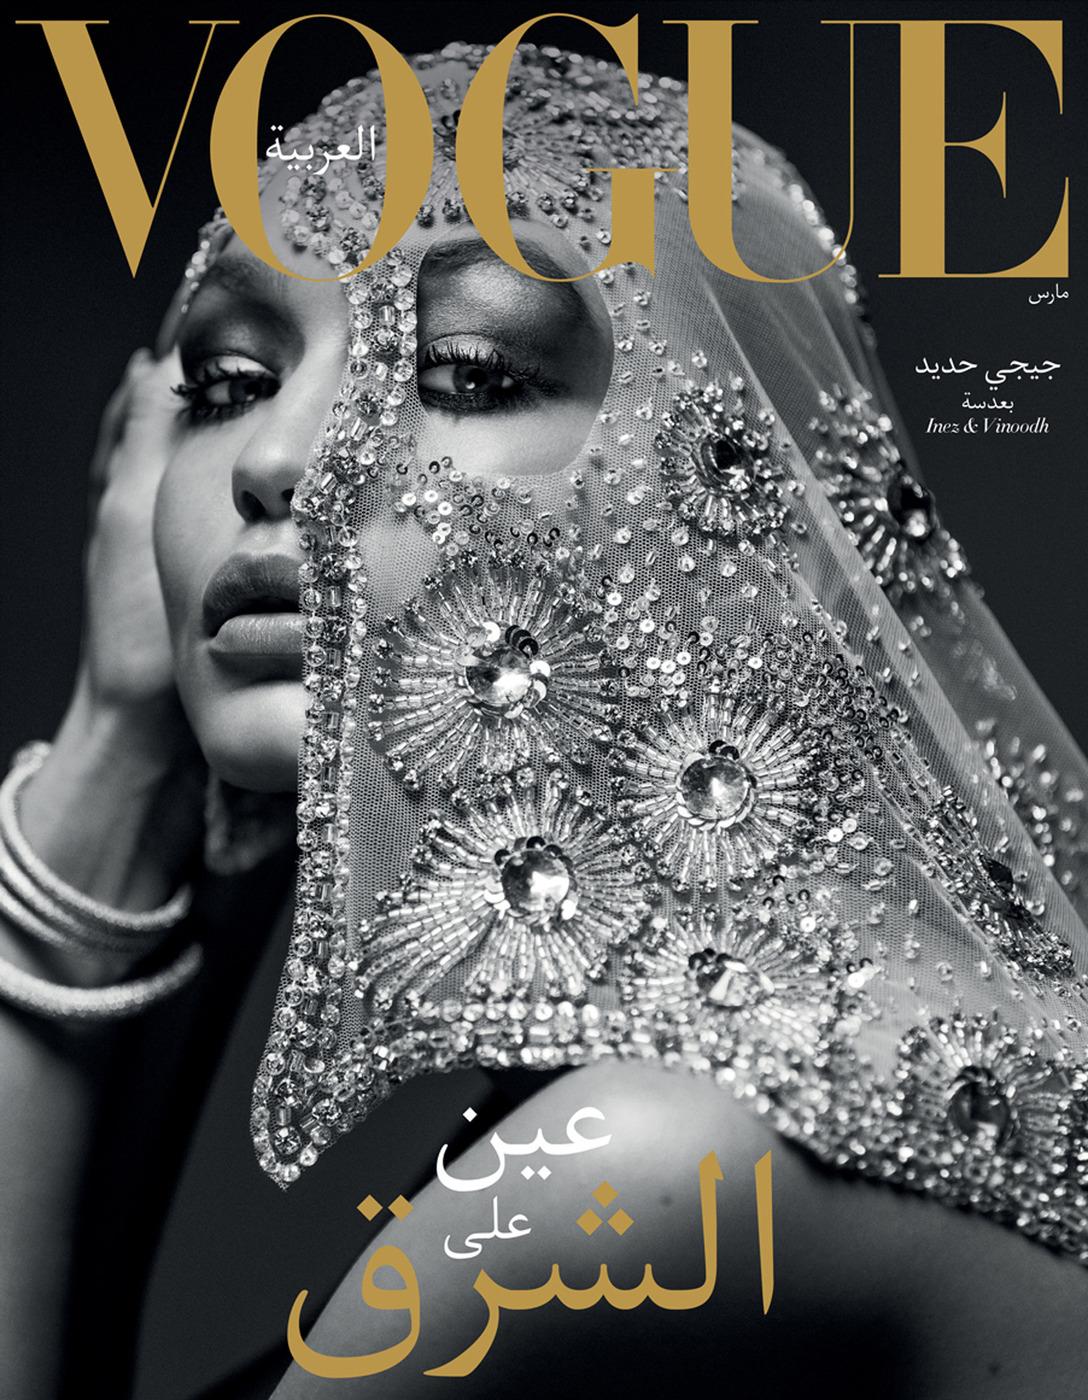 Наобложке первого номера Vogue Arabia возникла штатская супермодель